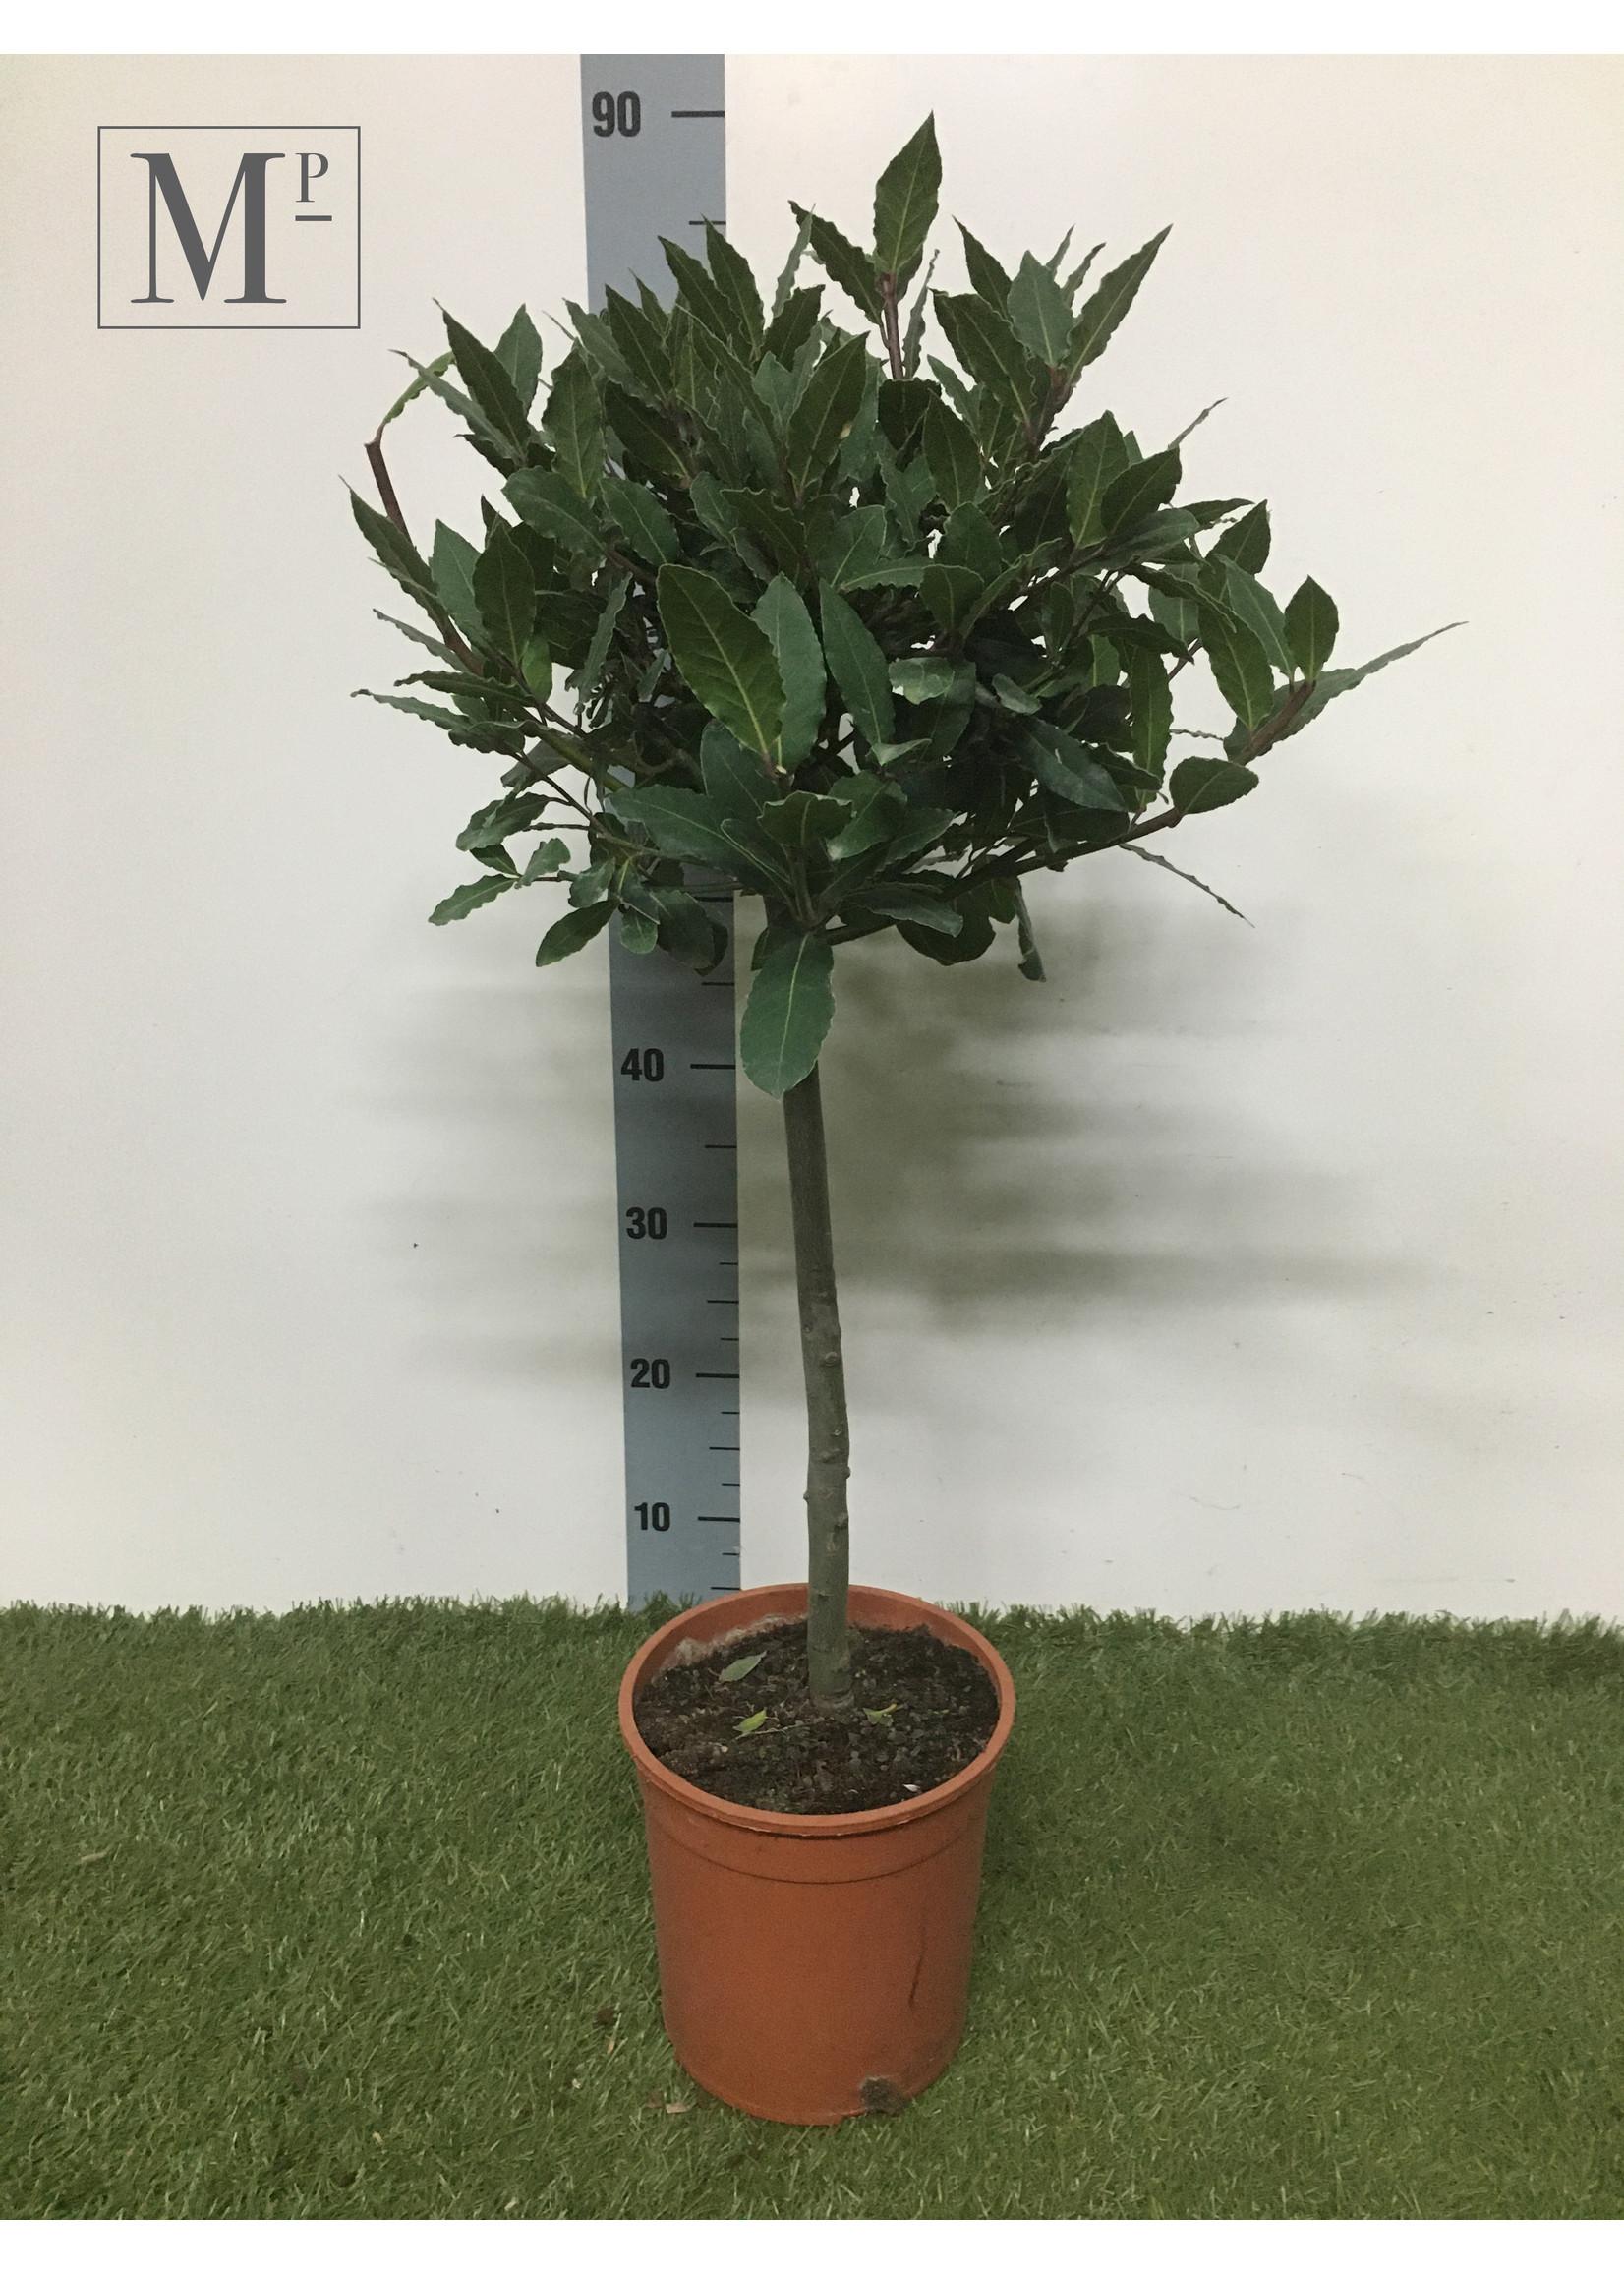 Laurus Nobilis Laurus Nobilis Stam 90cm